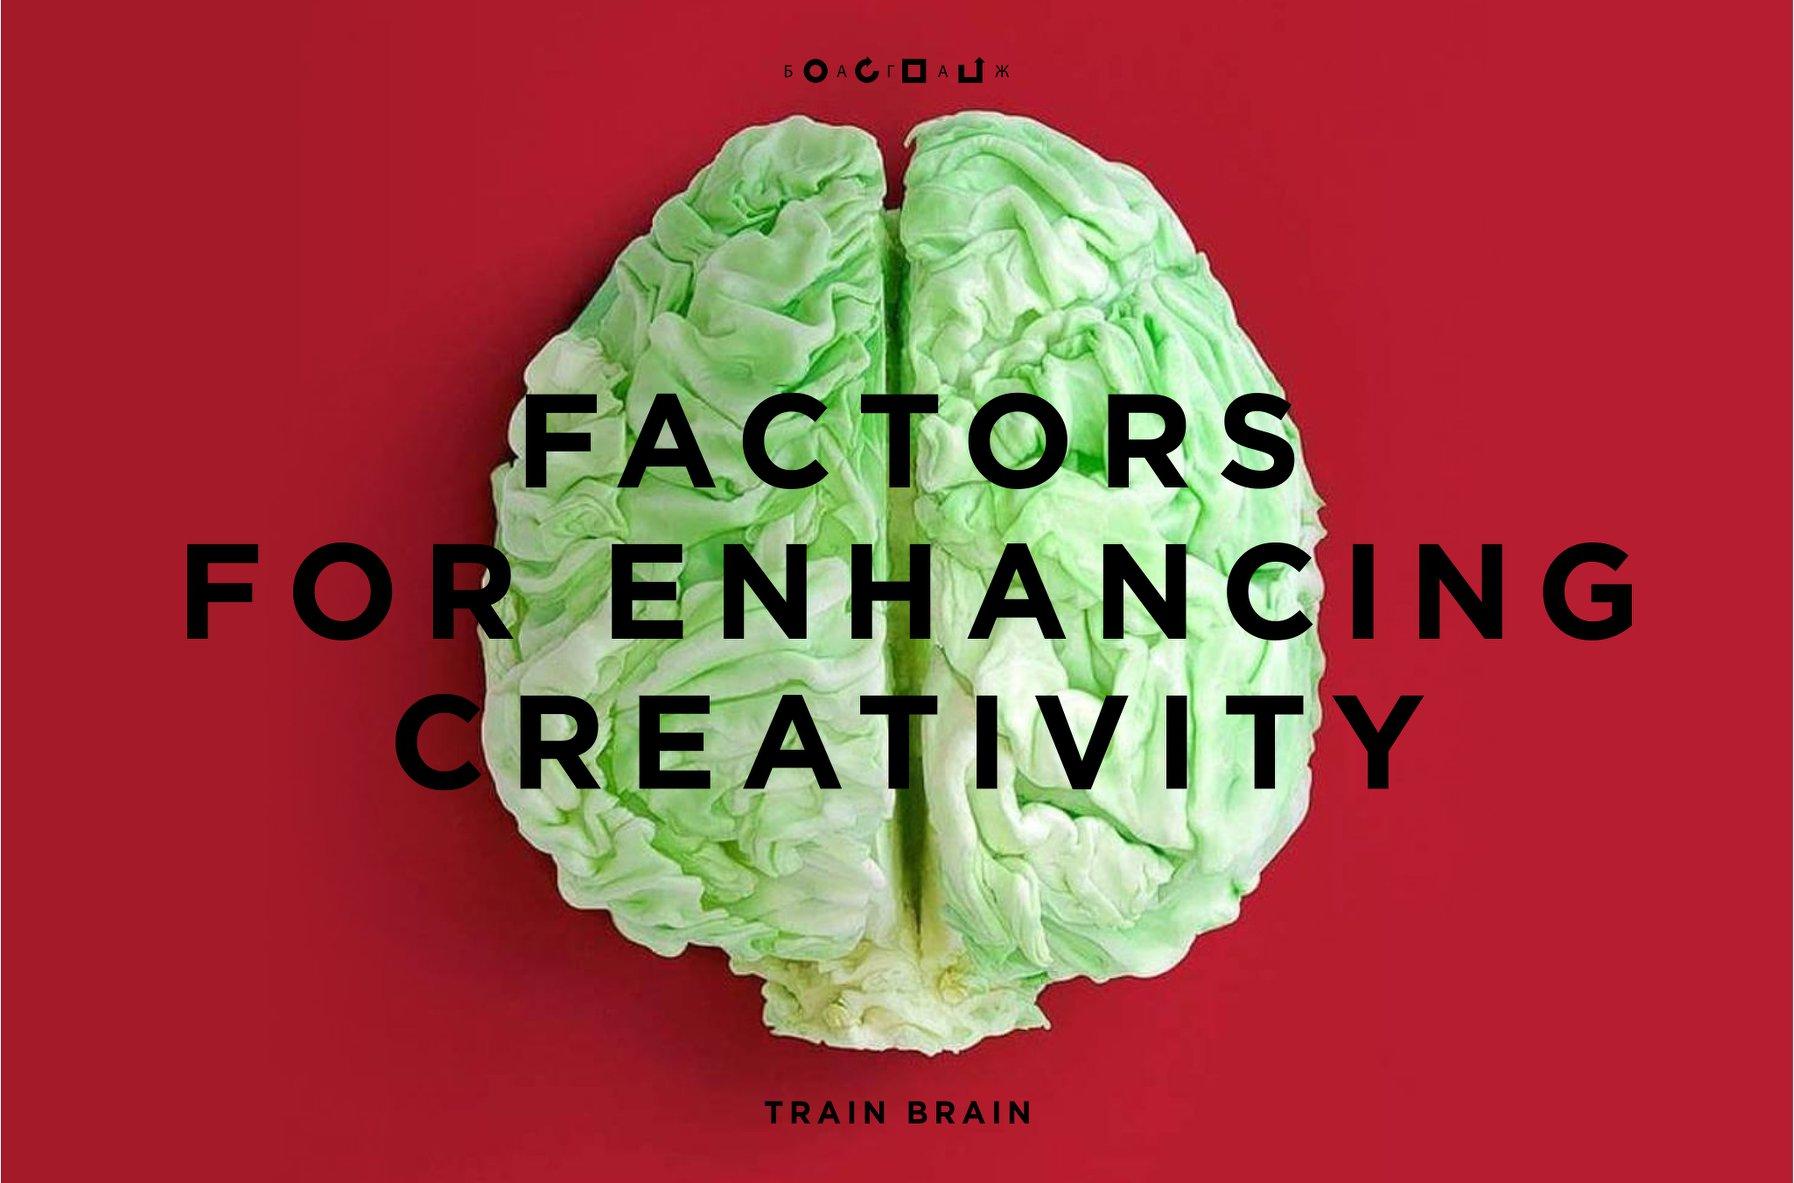 03_ИЮЛЬ_FACTORS FOR ENHANCING CREATIVITY